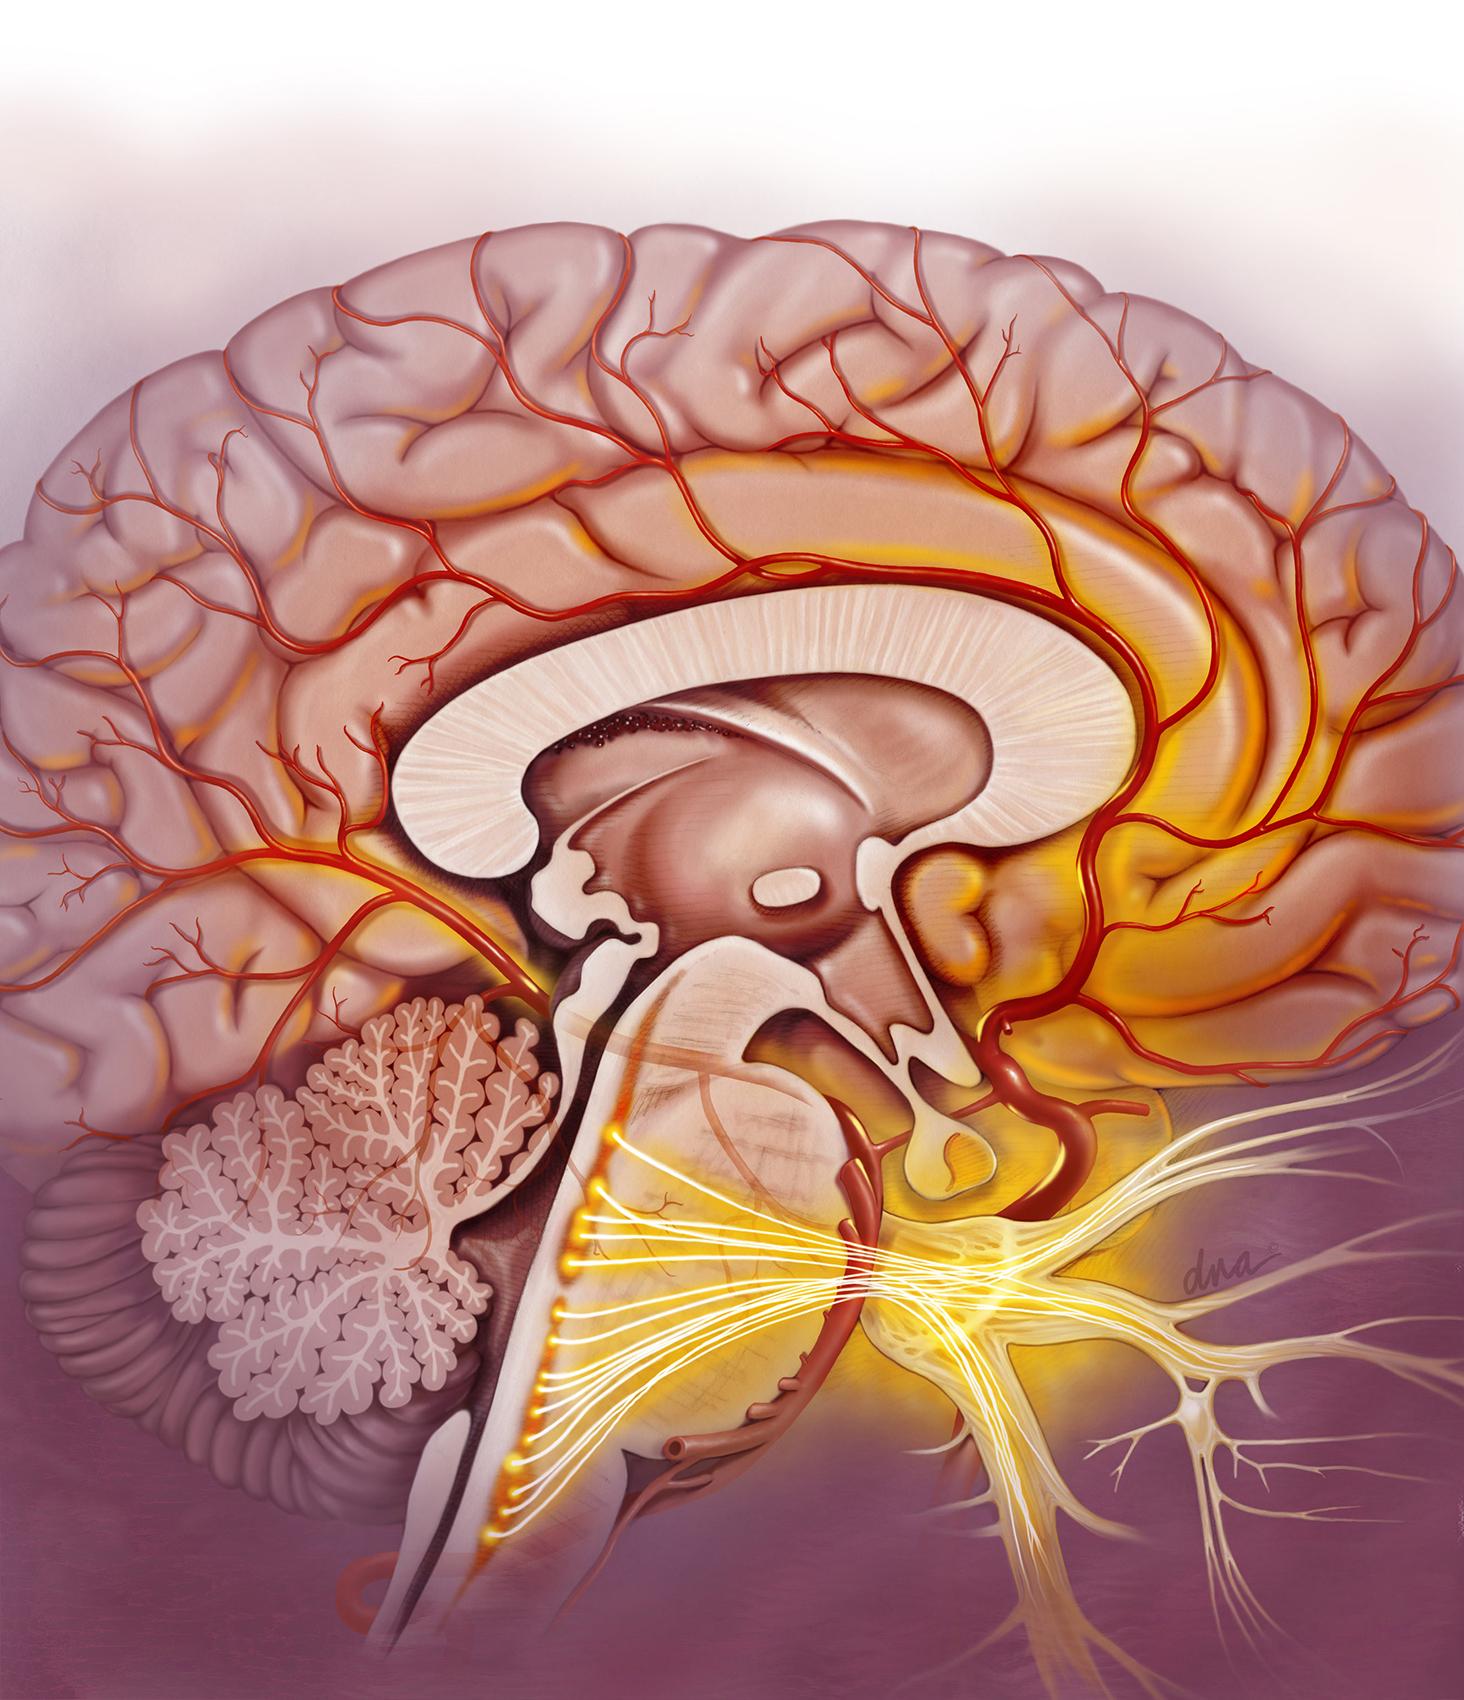 Estrogen and Migraines